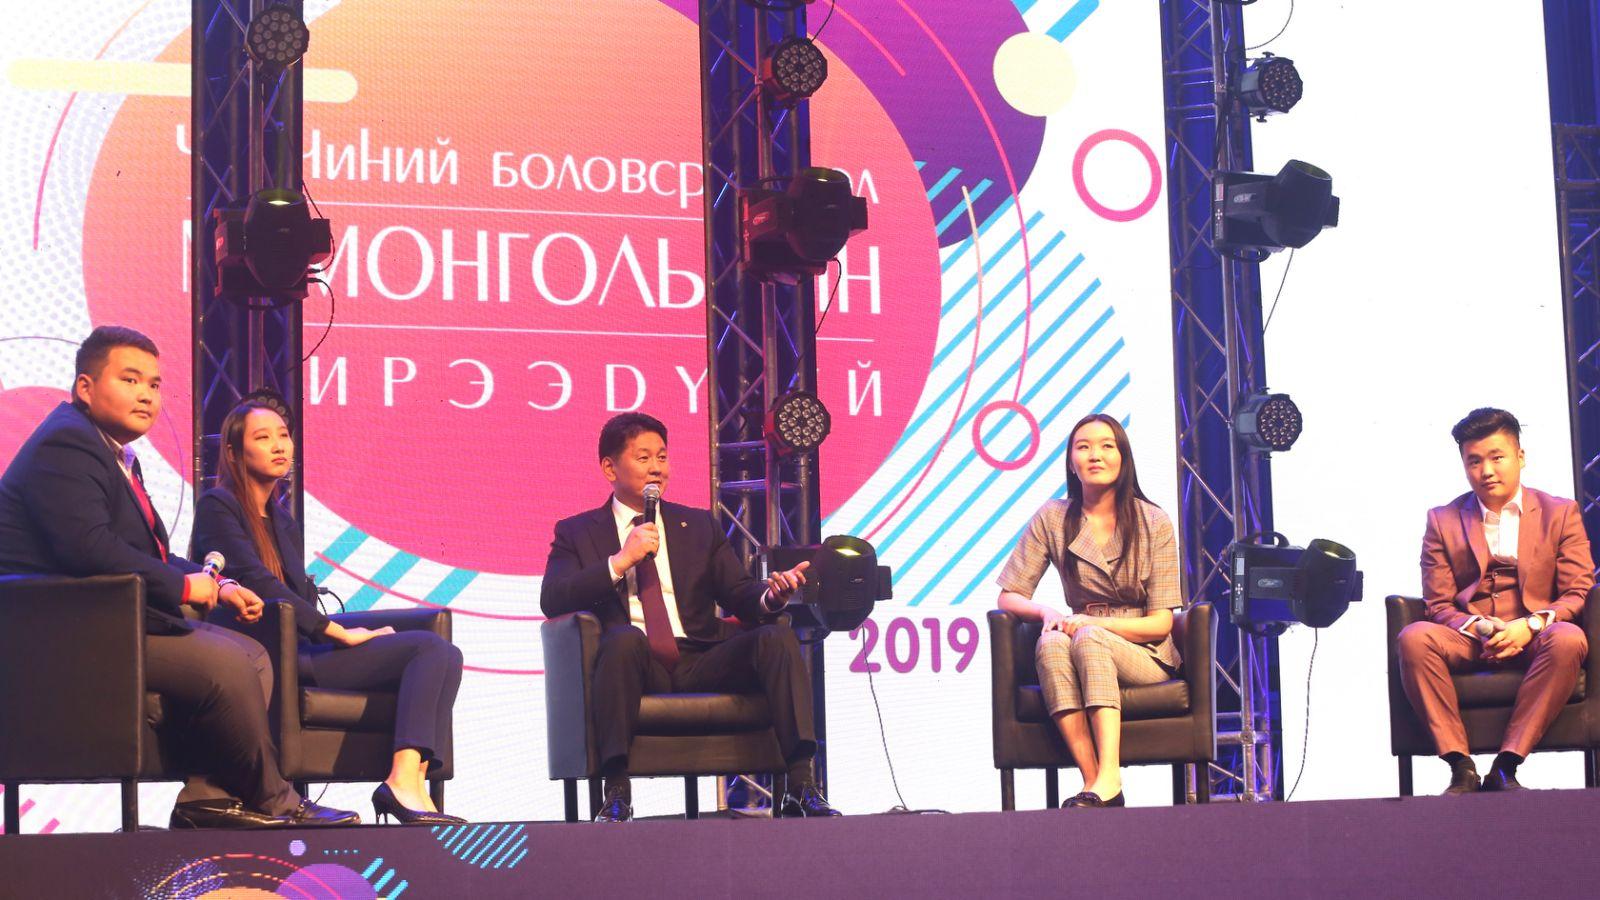 """""""Чиний боловсрол- Монголын ирээдүй"""" уулзалтад 1200 гаруй оюутан оролцлоо"""